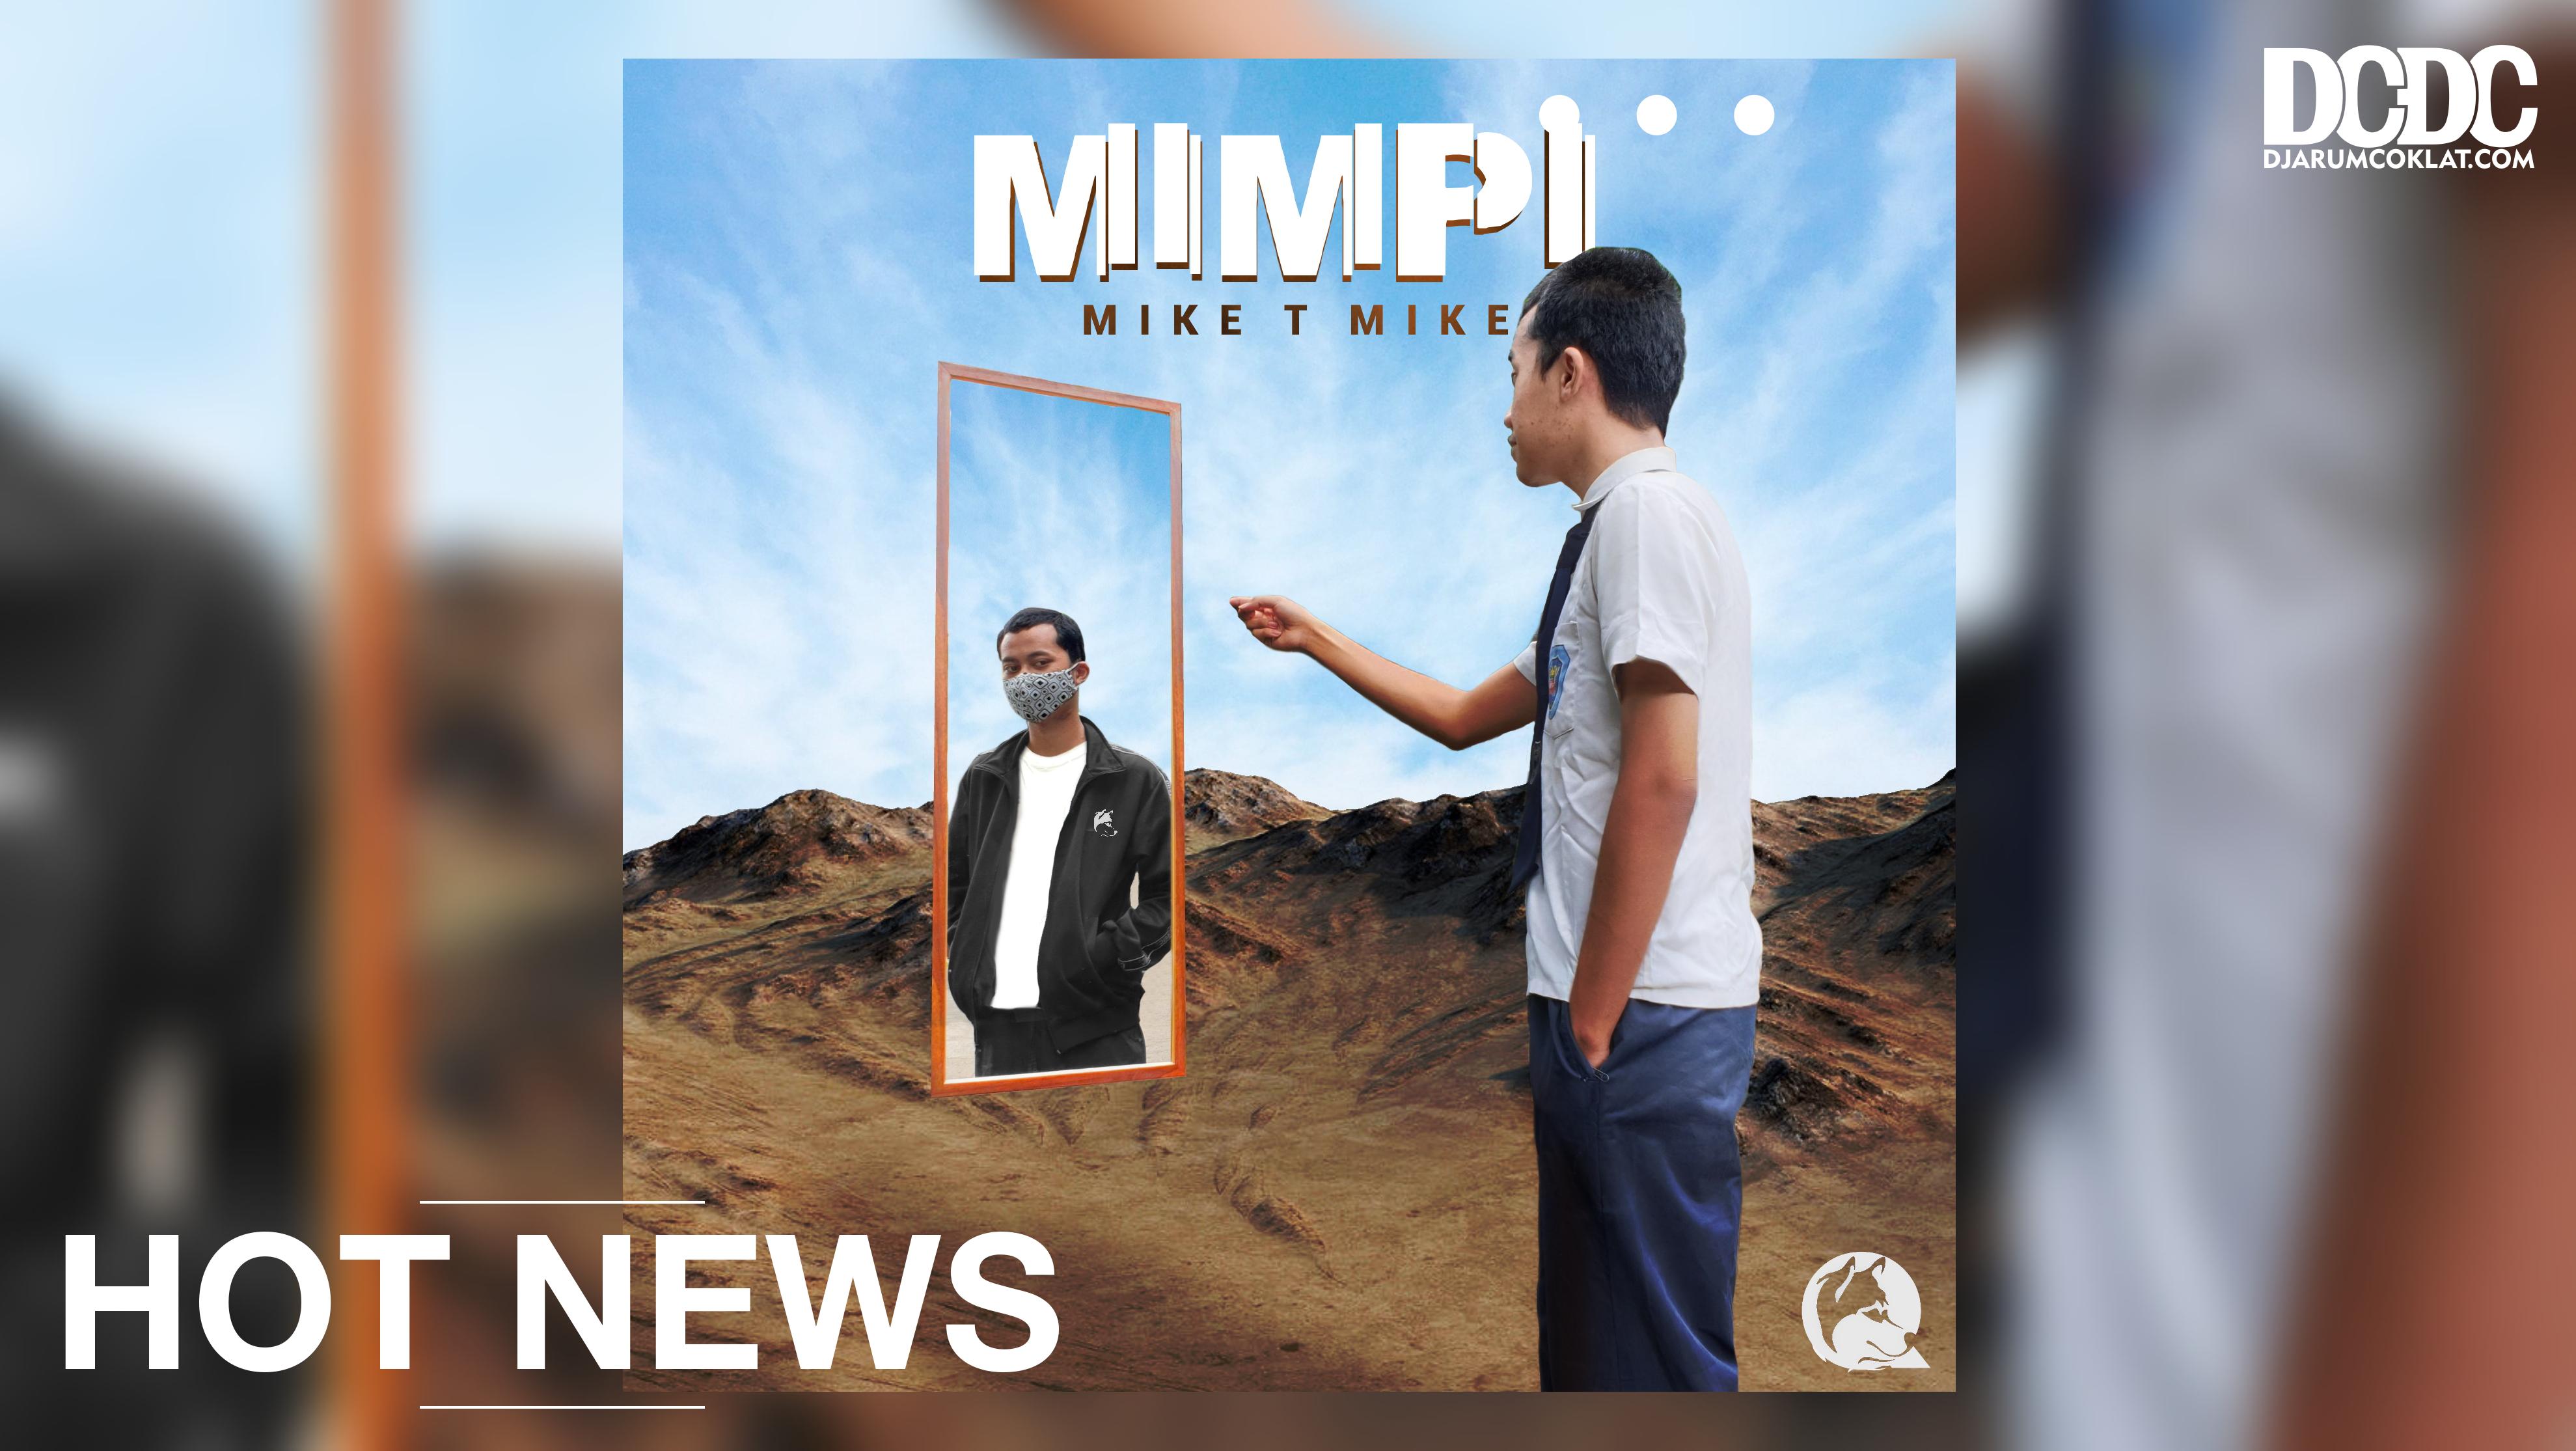 Menafsir  'Mimpi' Bersama Mike T Mike di Album Perdananya